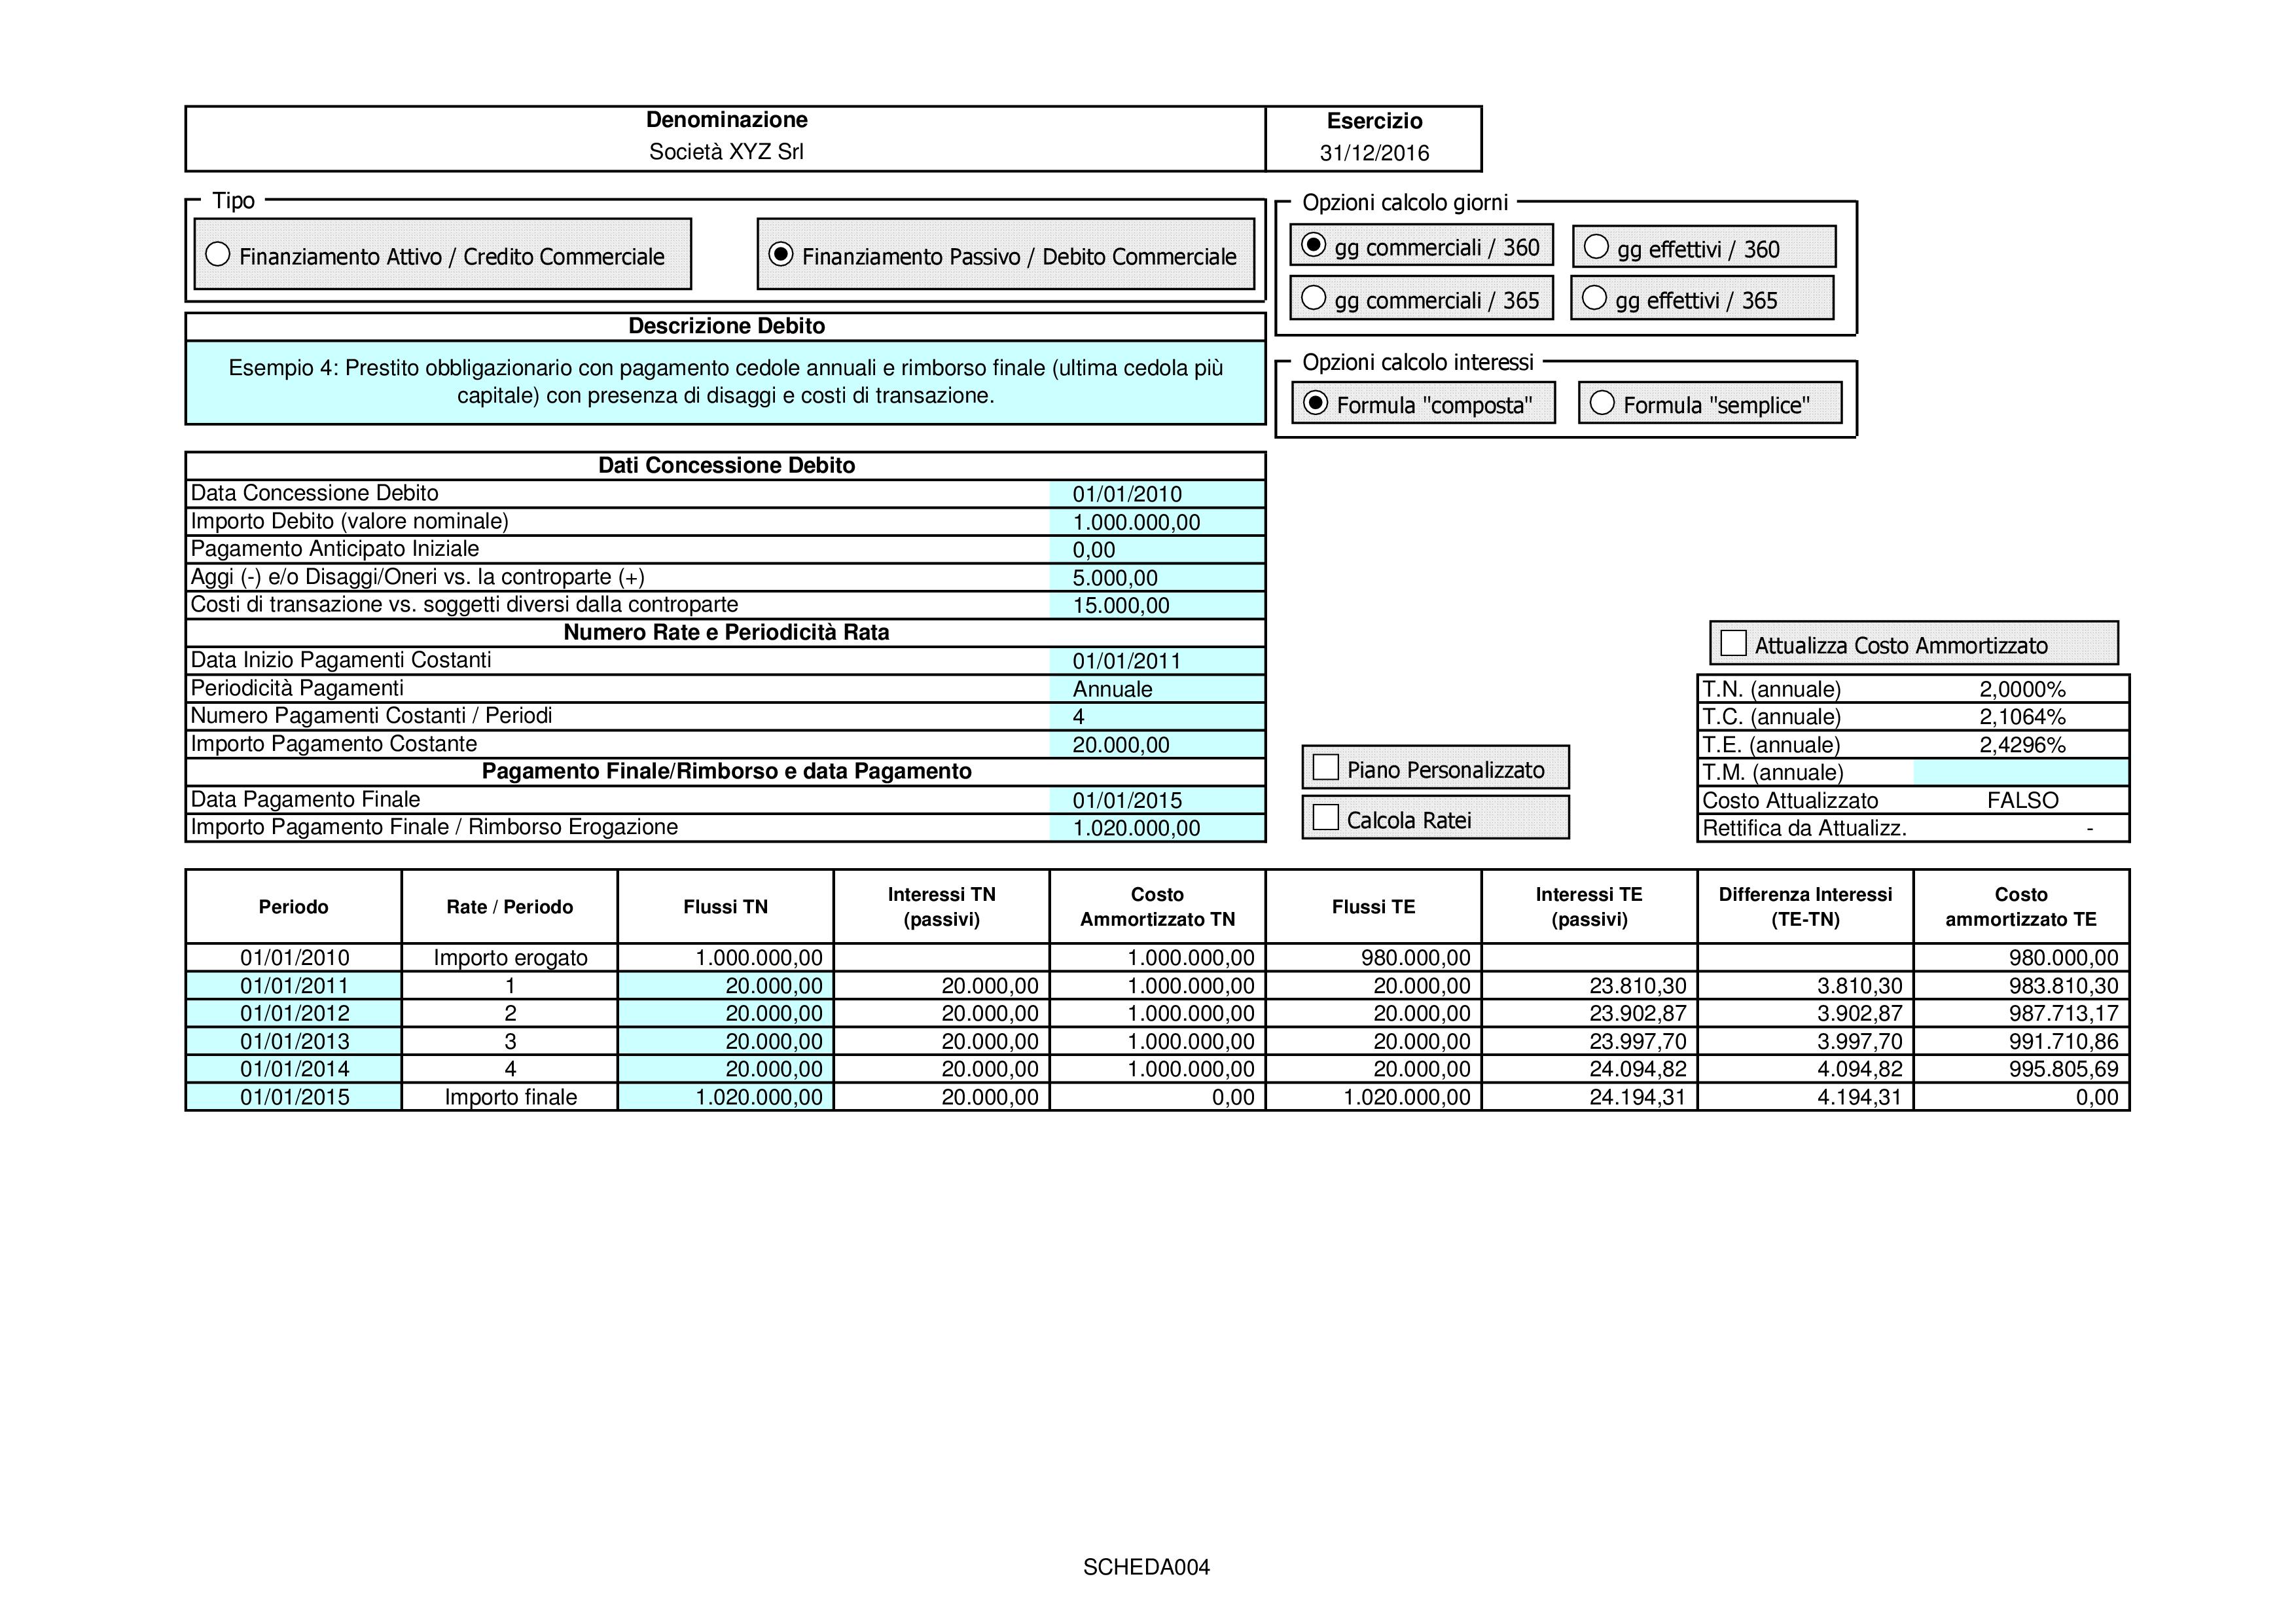 CREDITI DEBITI: valutazione costo ammortizzato 2018 - Immagine 6 / 12